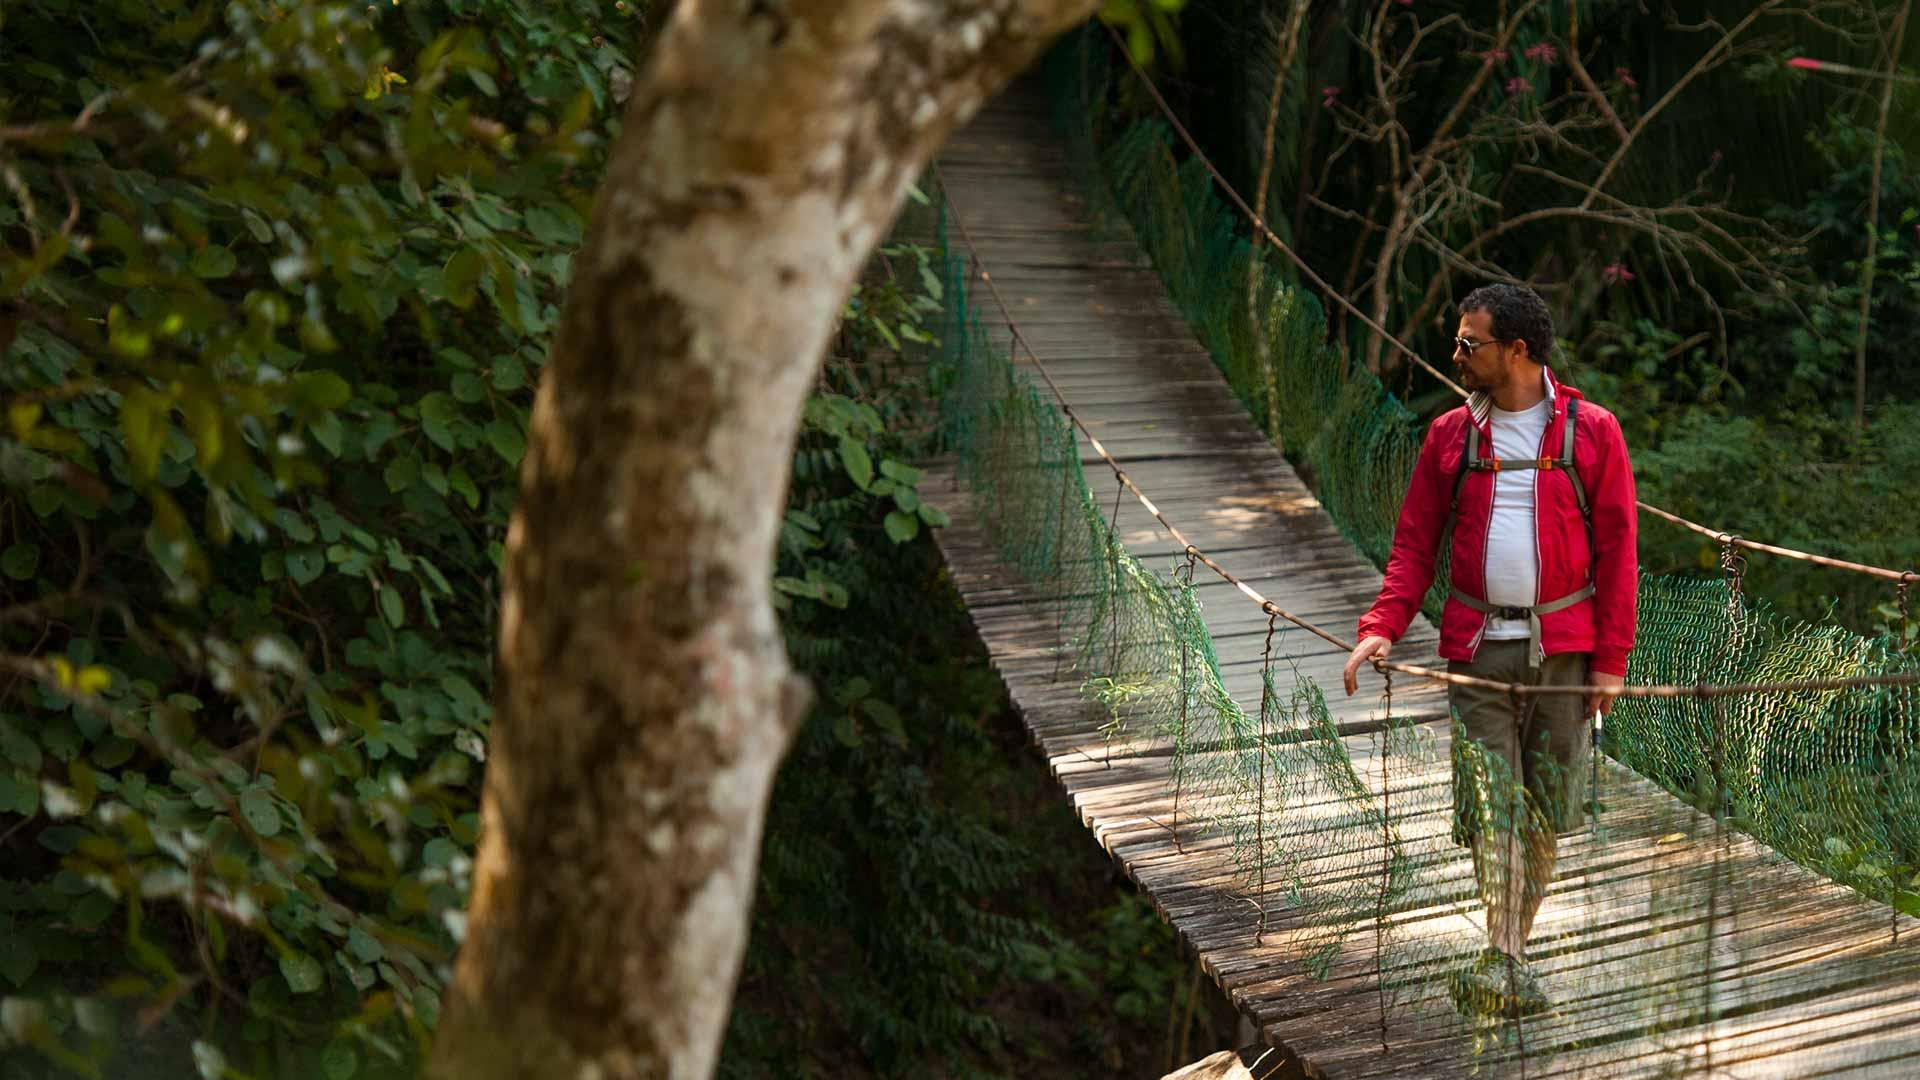 Puerto Vallarta recentemente começou a explorar o ecoturismo - Foto: Divulgação